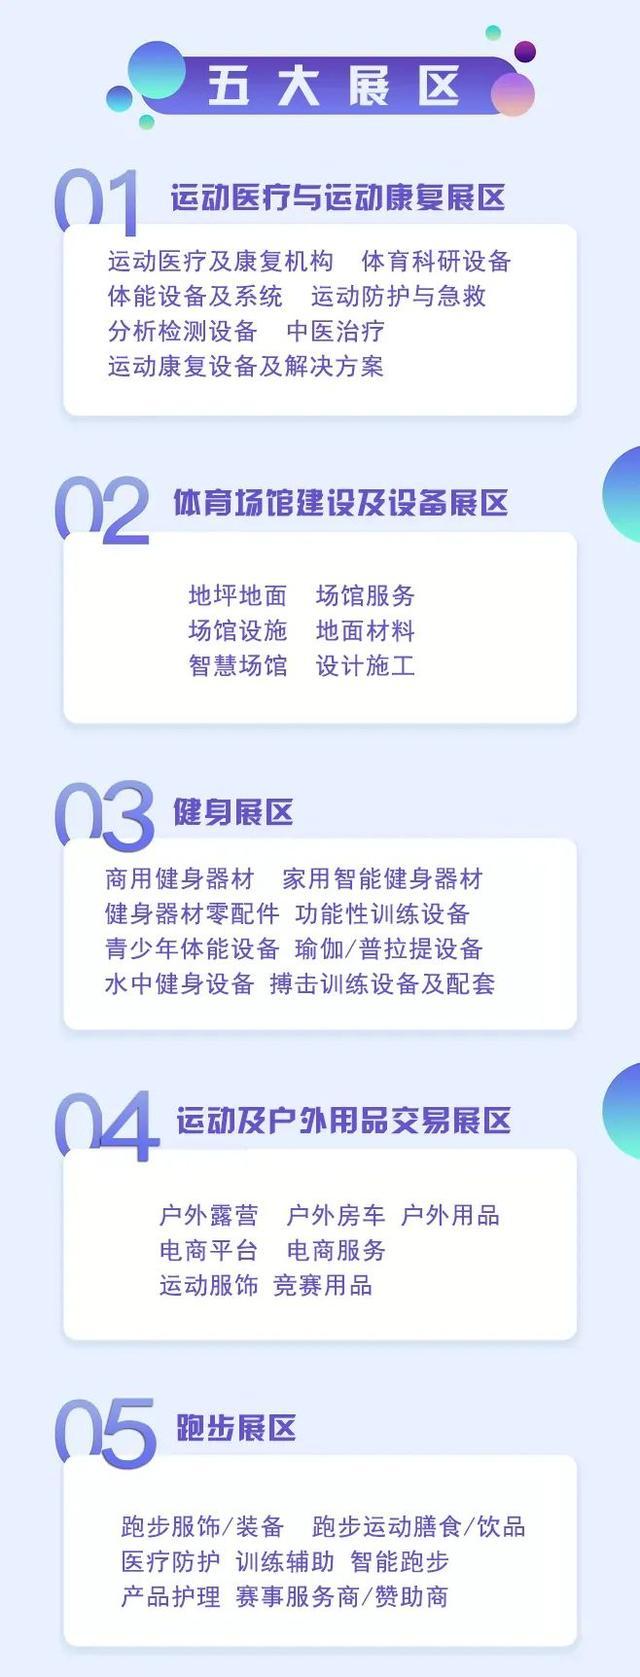 体育产业新变局将全面开启 深圳体博会助跑5万亿新赛道